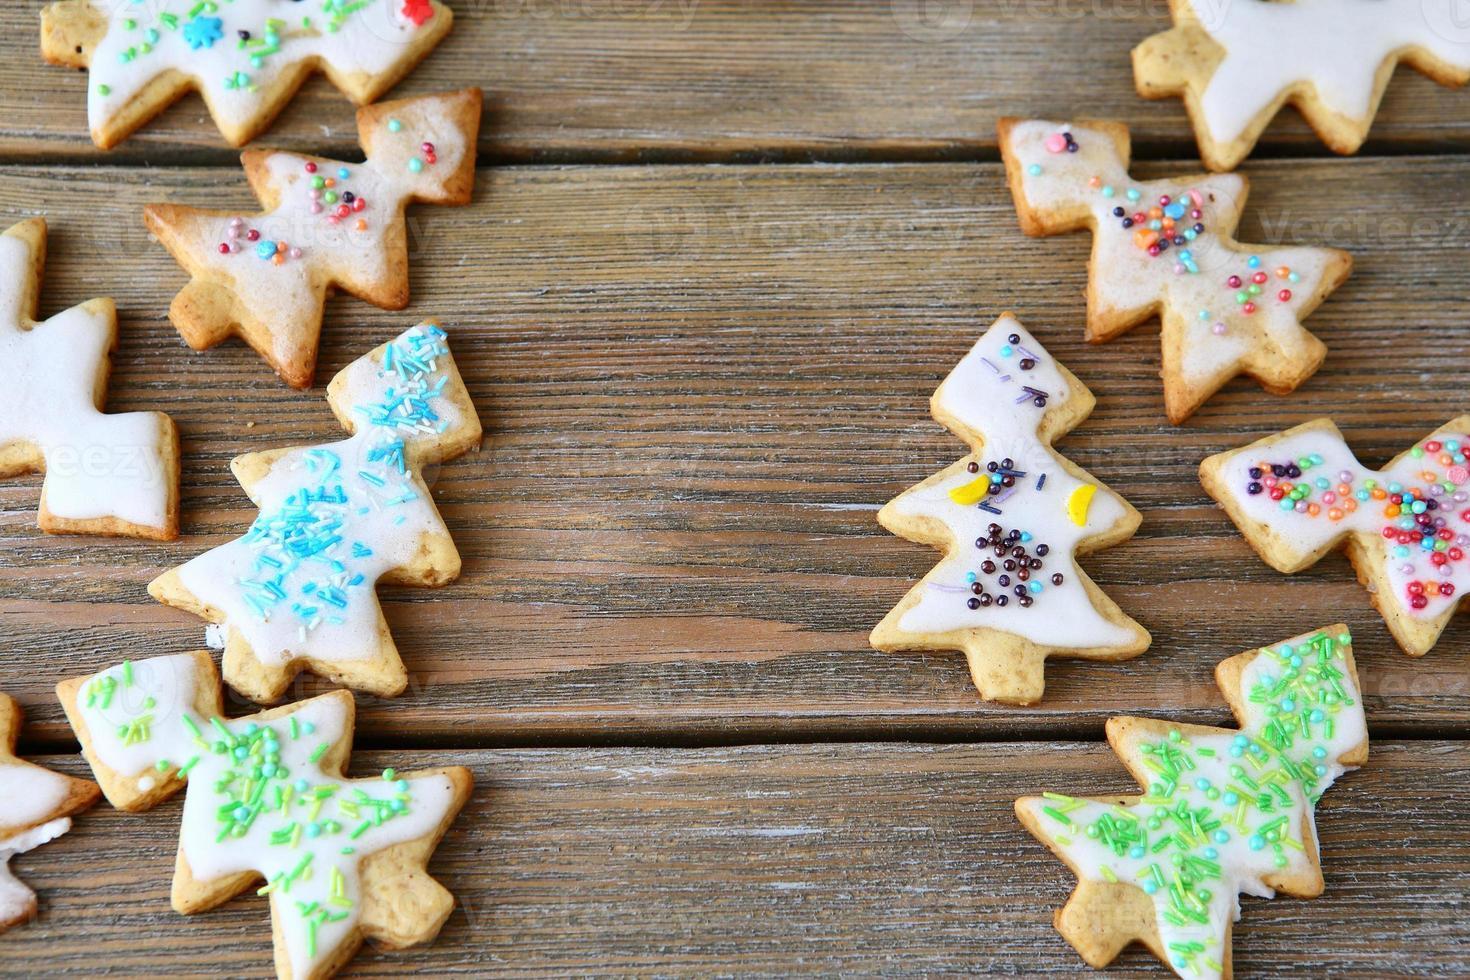 biscuits en forme d'arbres de Noël sur une planche photo